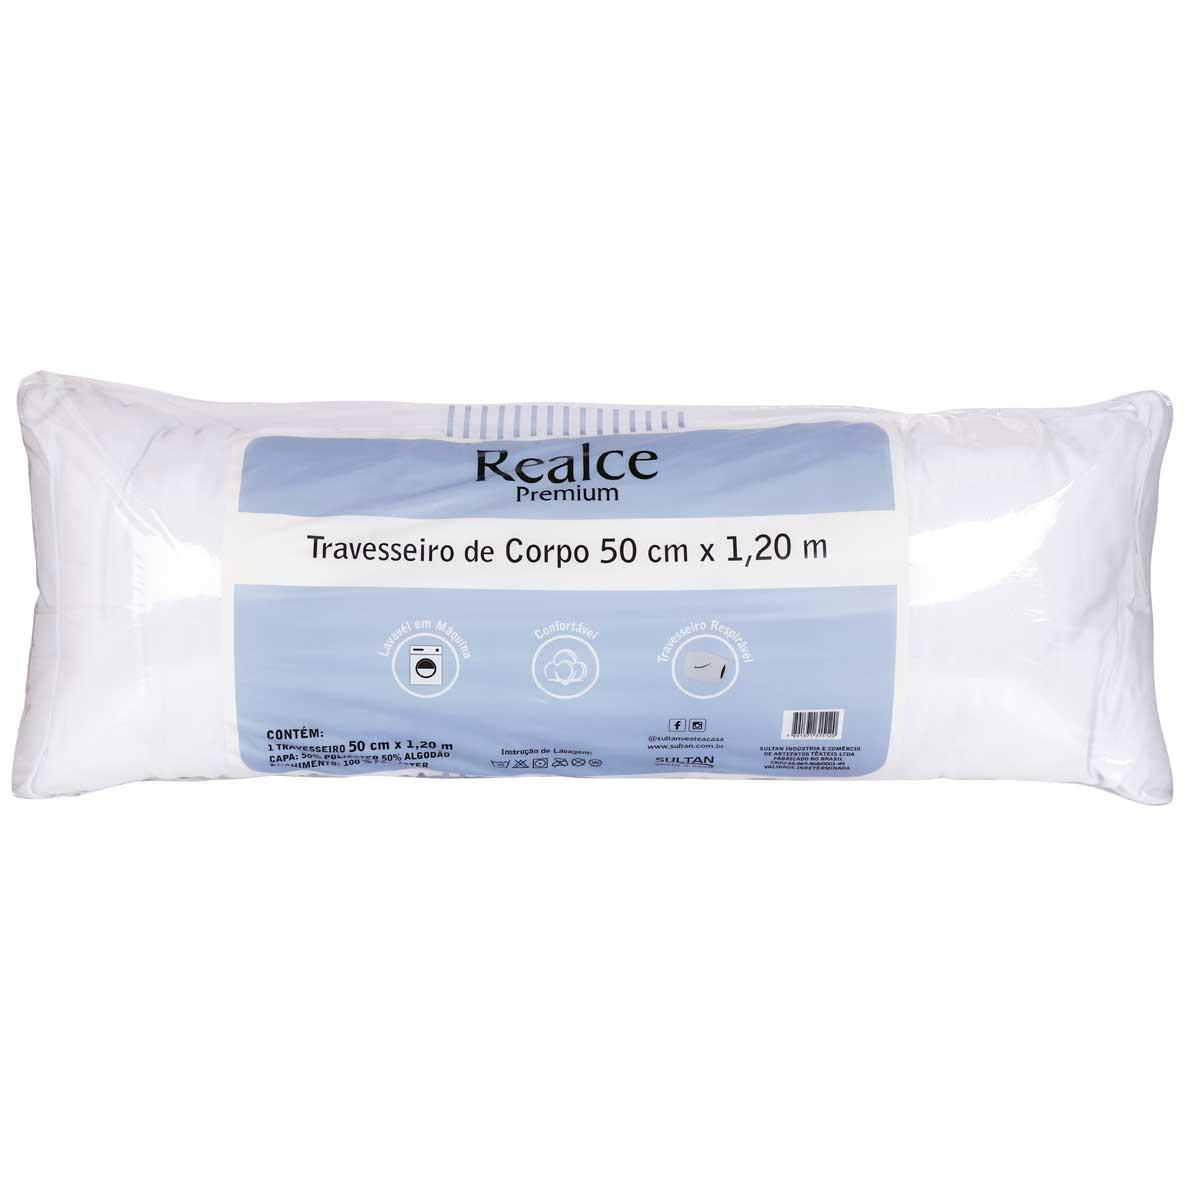 Travesseiro Corpo Grande 50cm x 1,20m Realce Premium Sultan